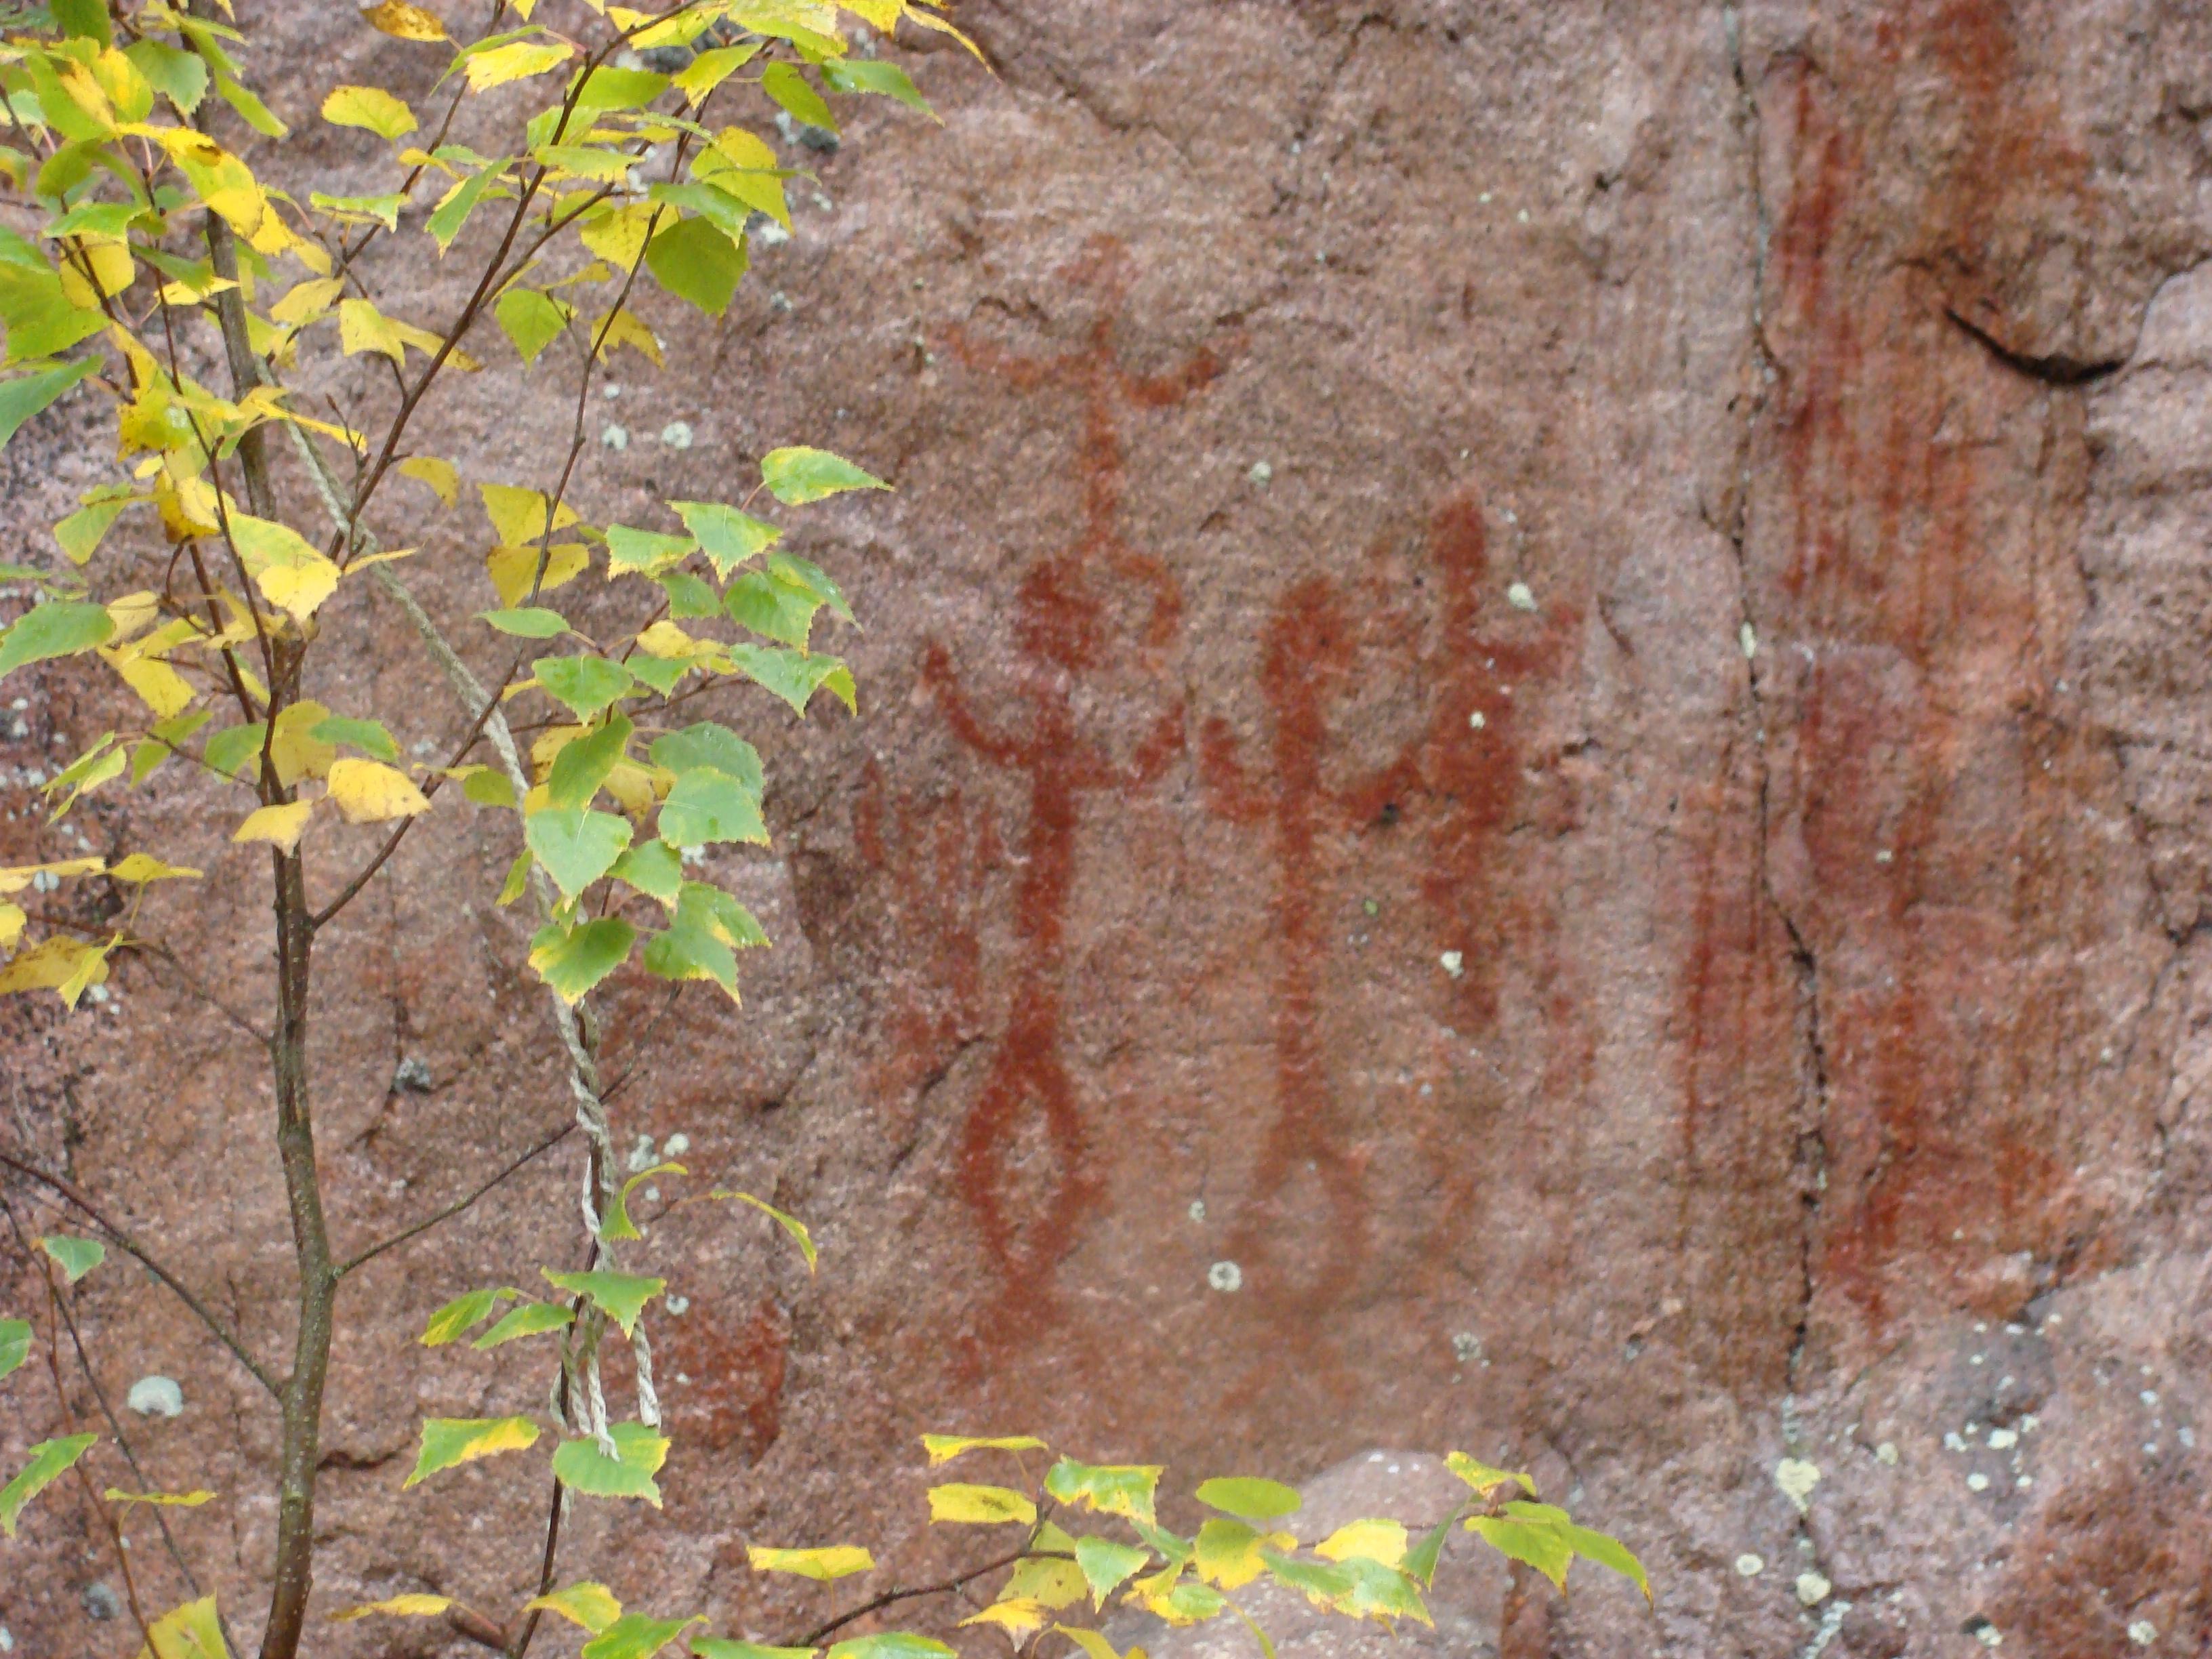 Juusjärven kalliomaalaukset